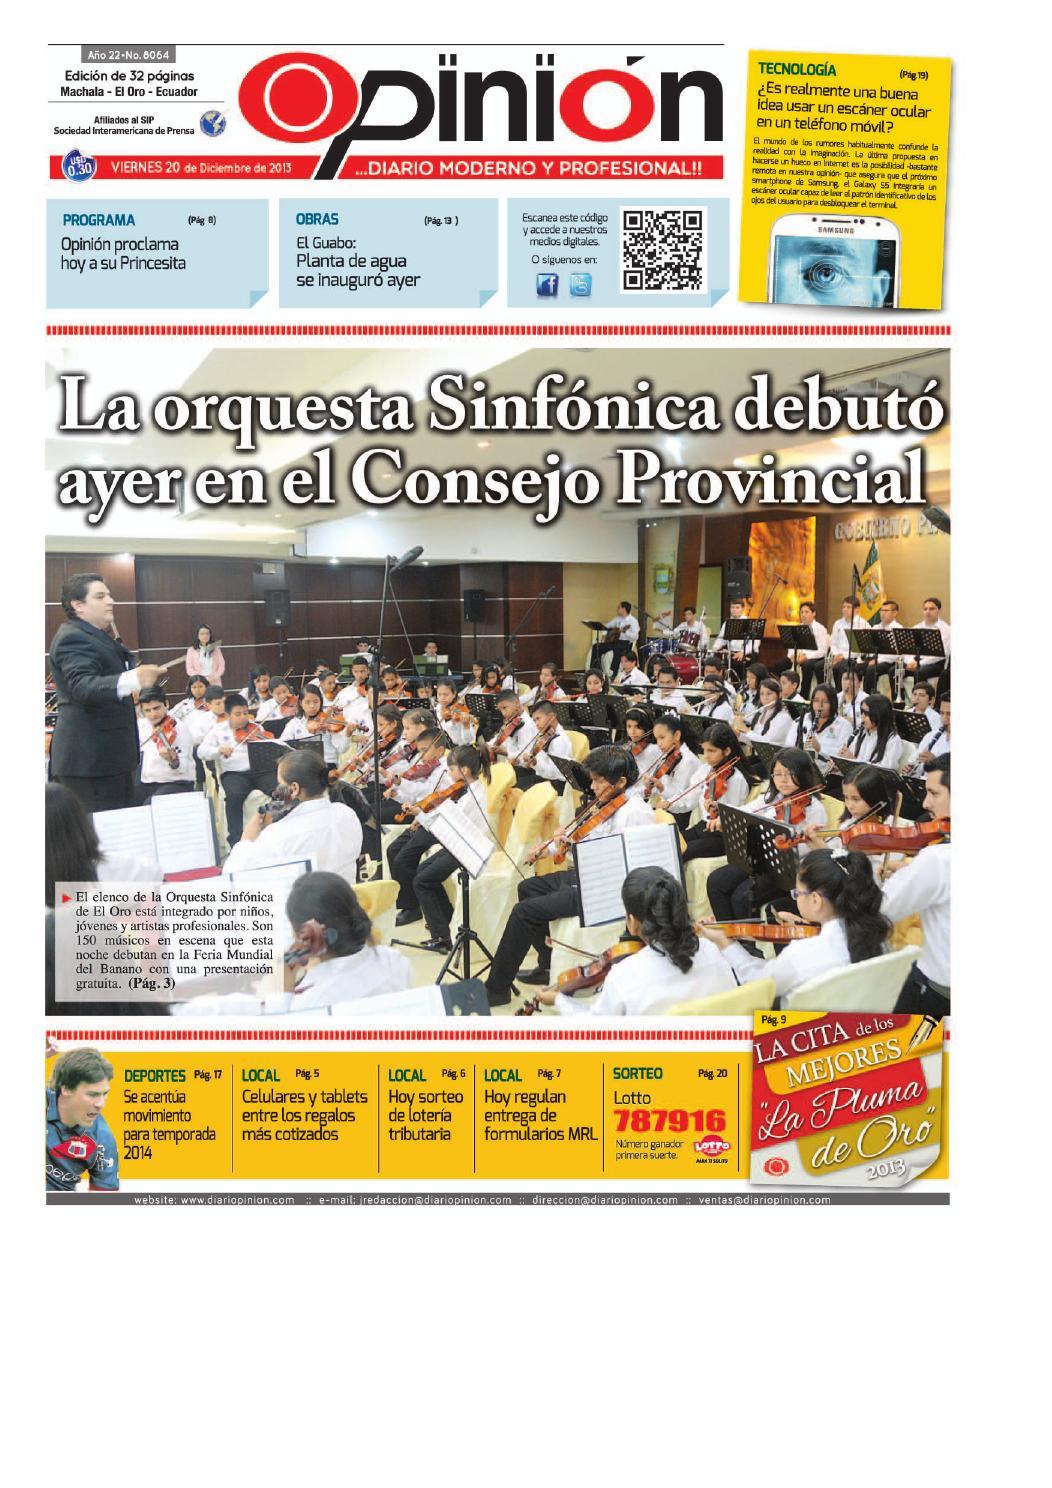 Impreso 20 12 13 by Diario Opinion - issuu a84b6db9cd58